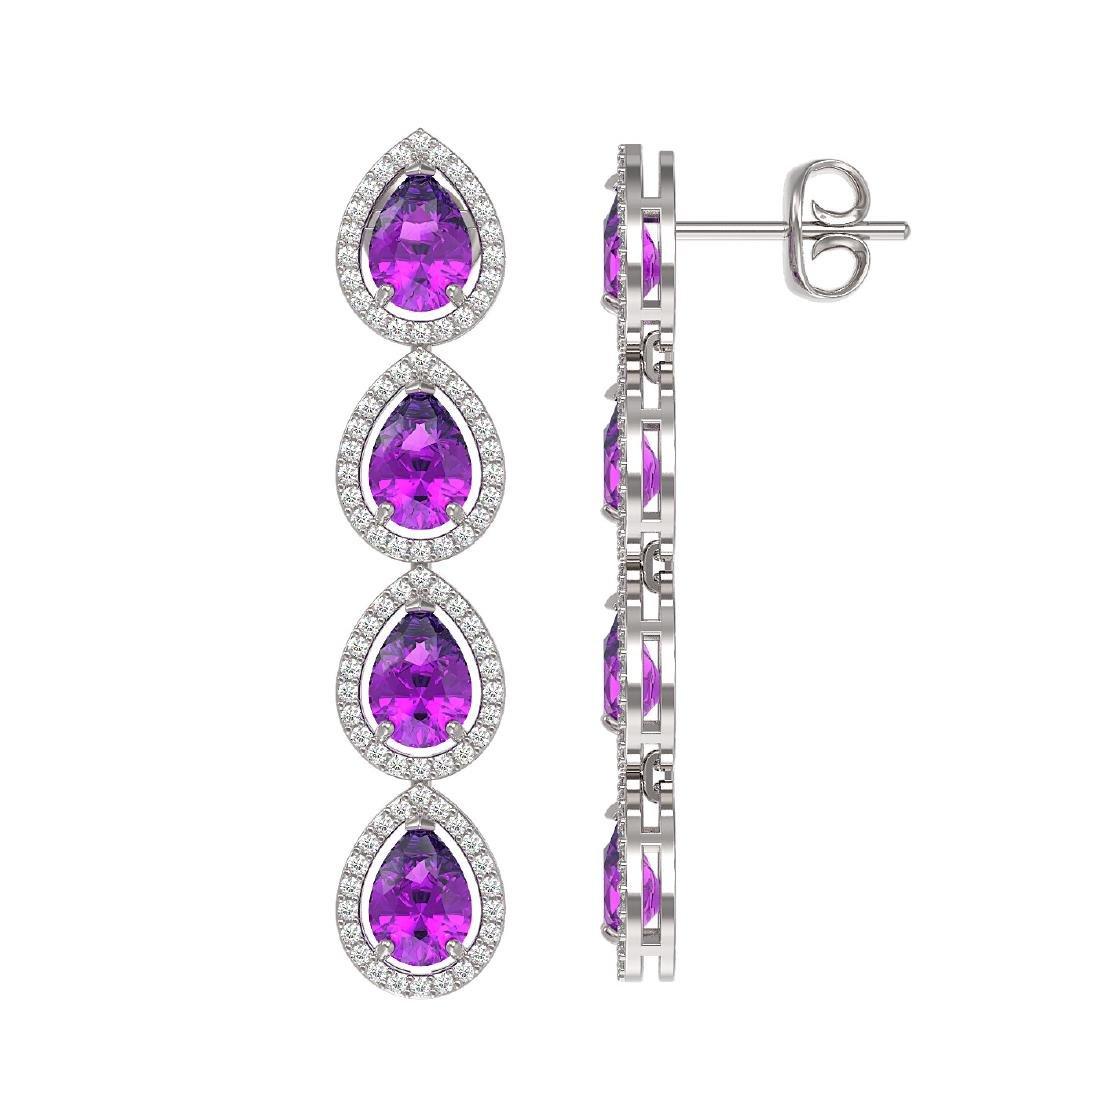 7.85 CTW Amethyst & Diamond Halo Earrings 10K White - 2